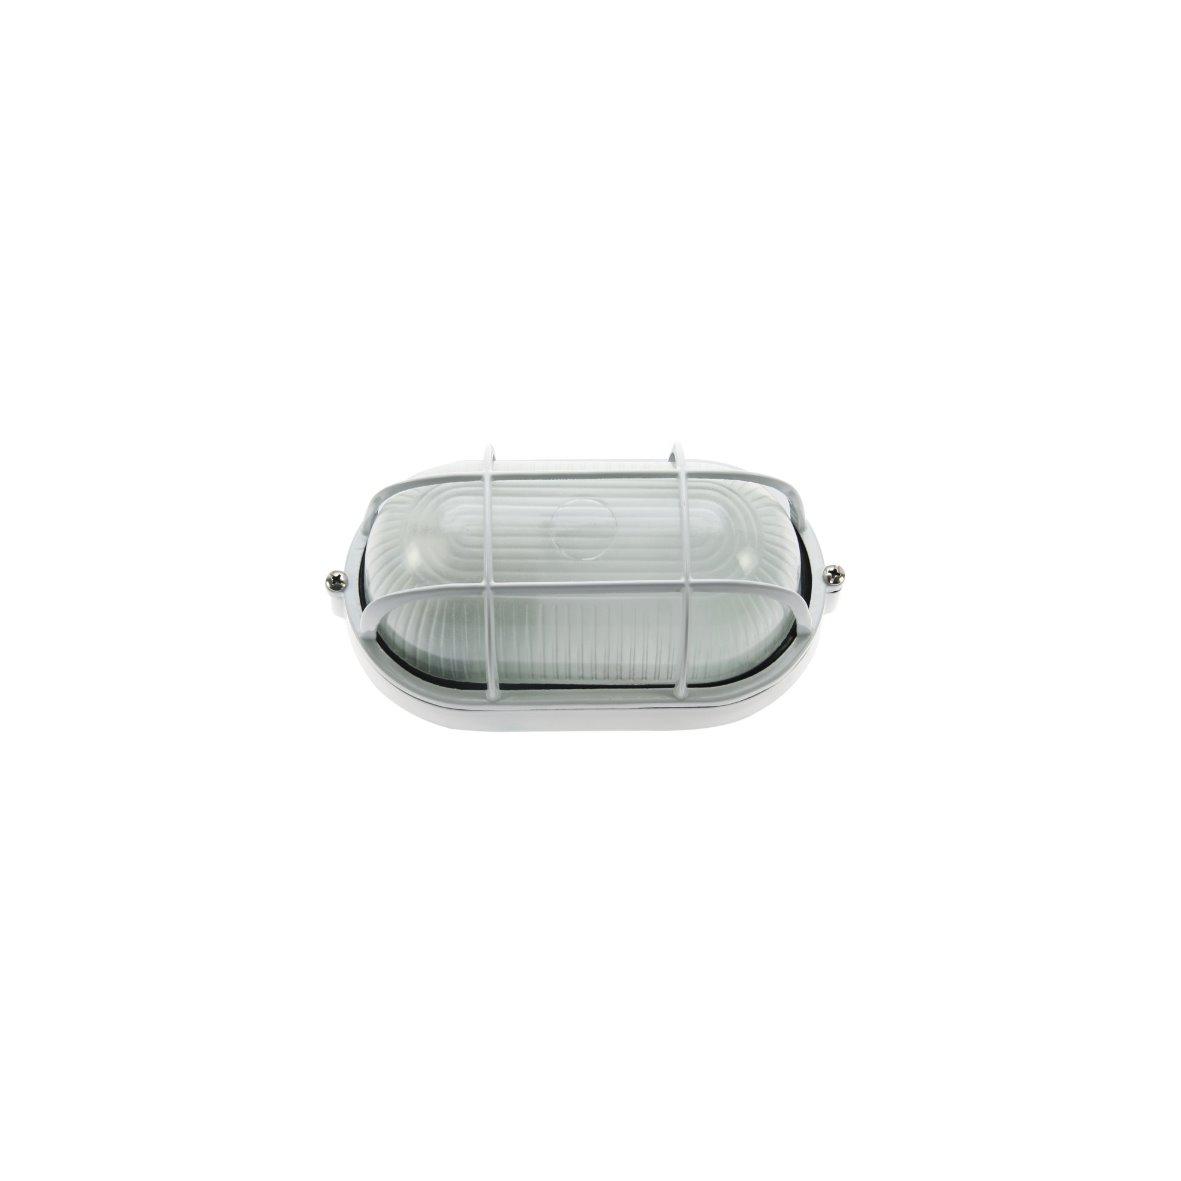 wandleuchte aussenleuchte keller feuchtraum aussen lampe leuchte glas wand decke ebay. Black Bedroom Furniture Sets. Home Design Ideas